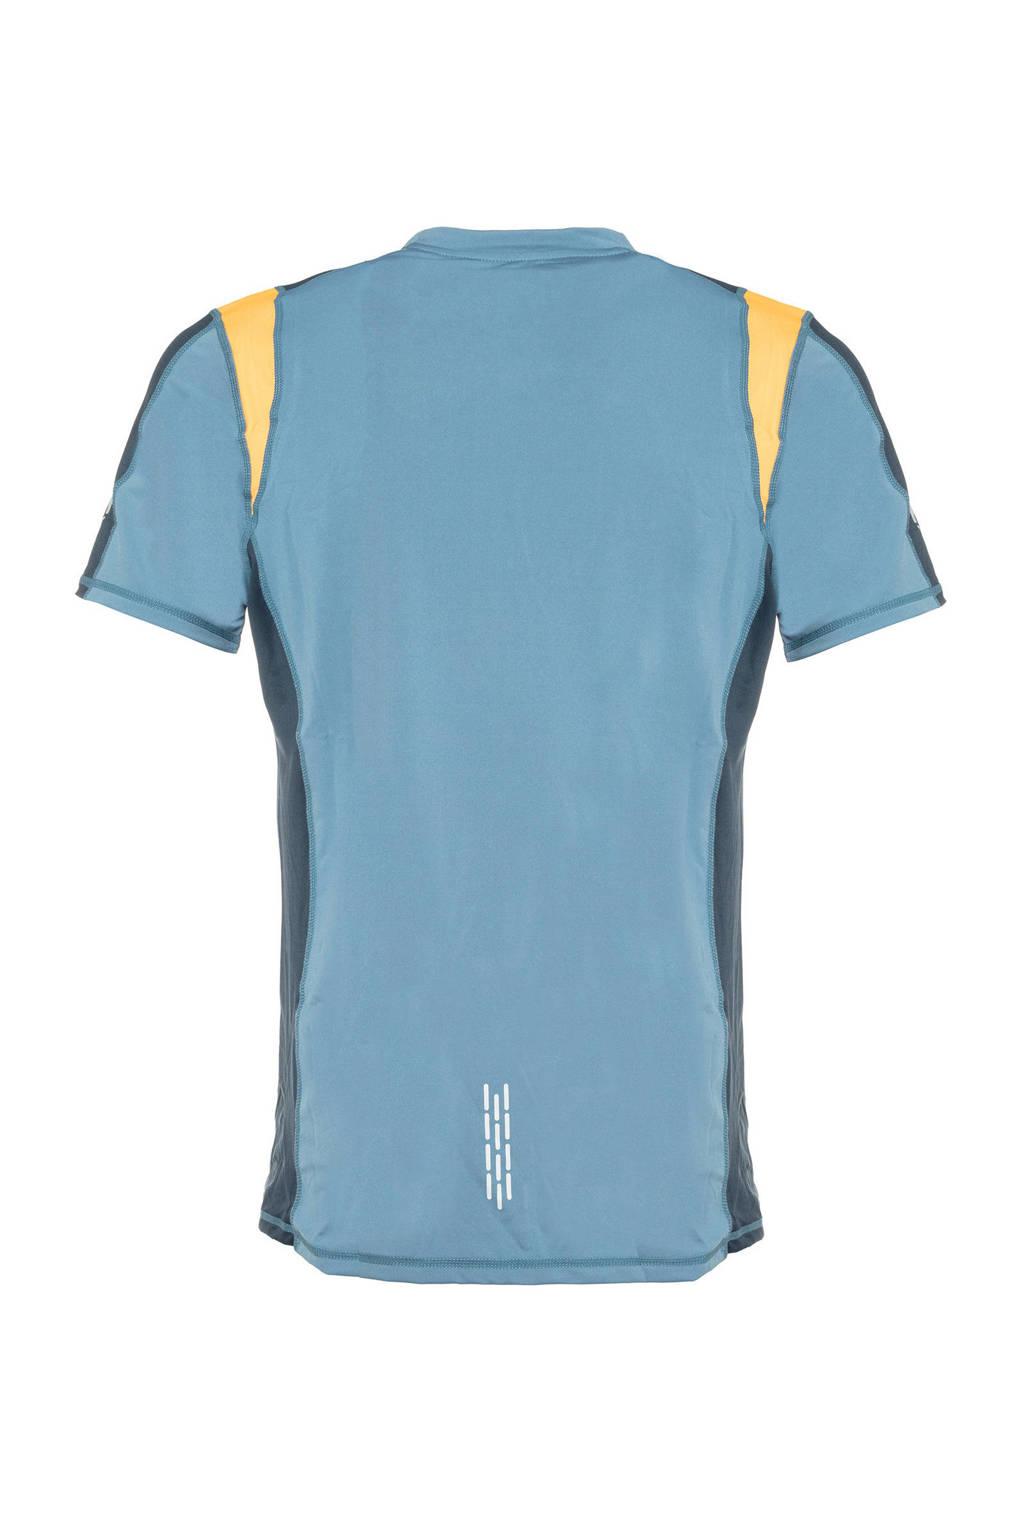 Scapino Osaga Pro   hardloopshirt blauw/geel, Blauw/geel